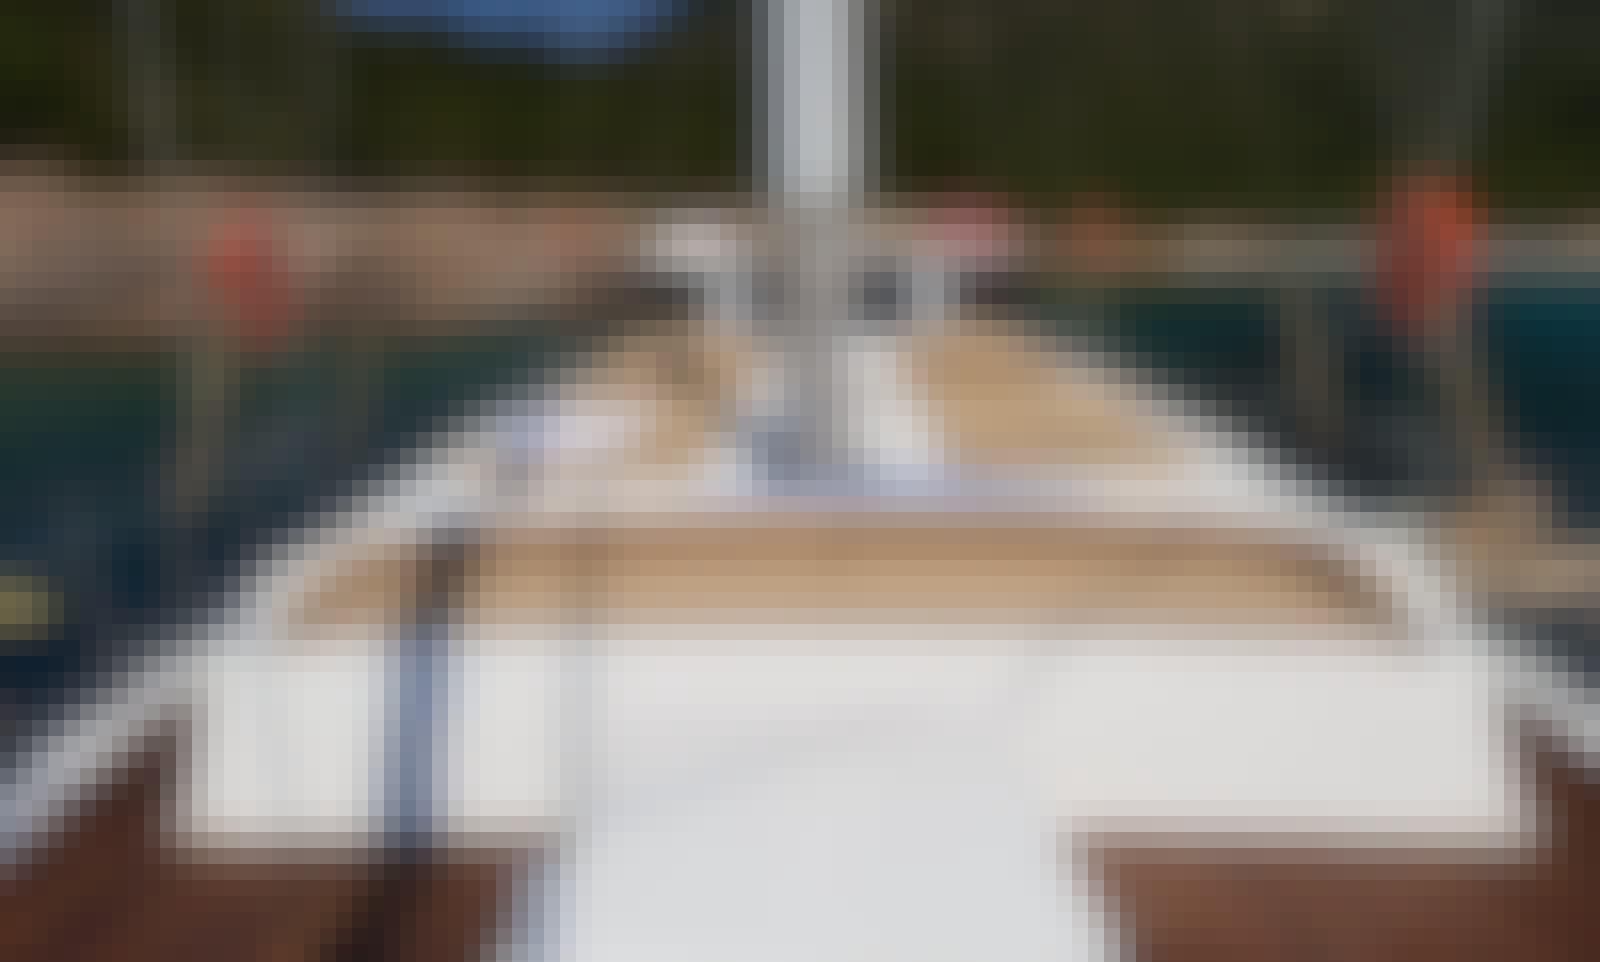 Charter a 39' Motor Yacht for 12 People in Muğla, Turkey!